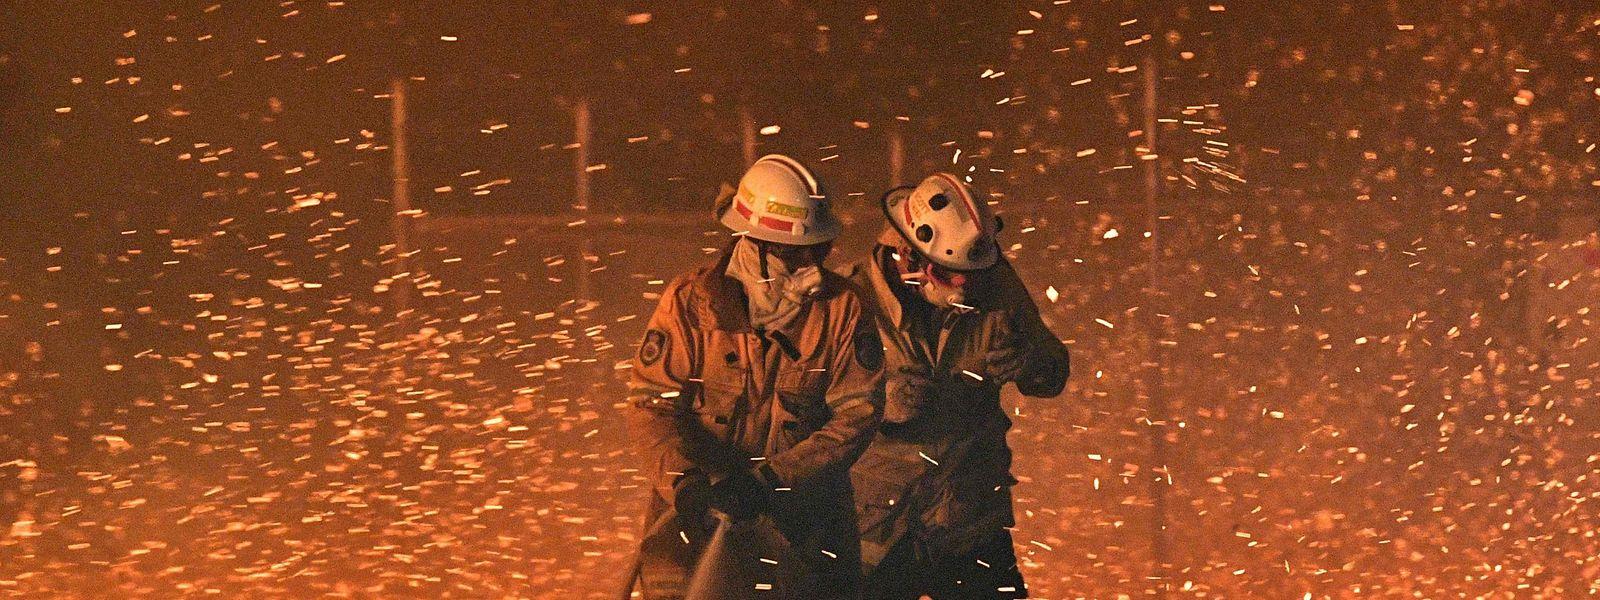 Die Erde brennt: Die Flammen können nur gebannt werden, wenn der Kampf gegen den Klimawandel miteinander ausgetragen wird.